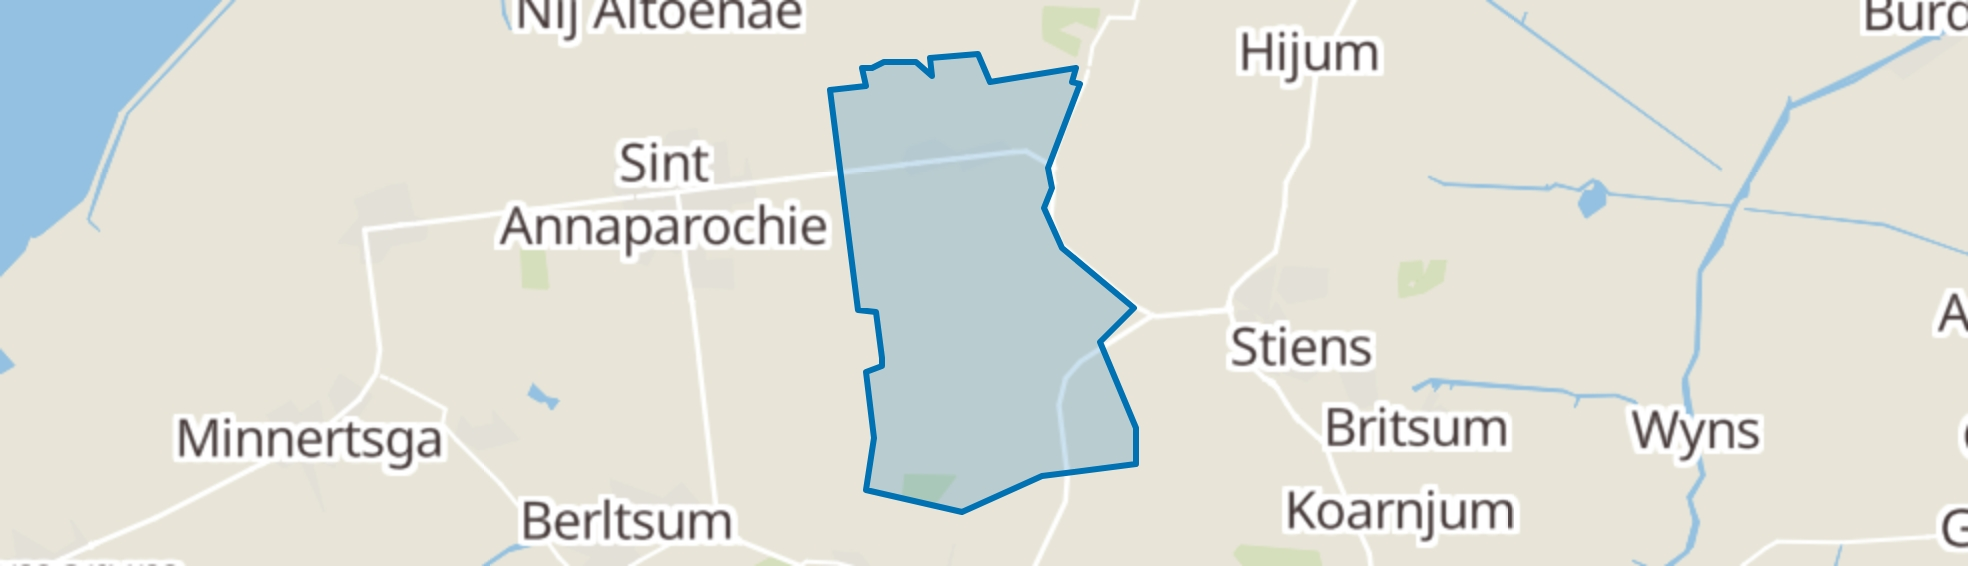 Vrouwenparochie map